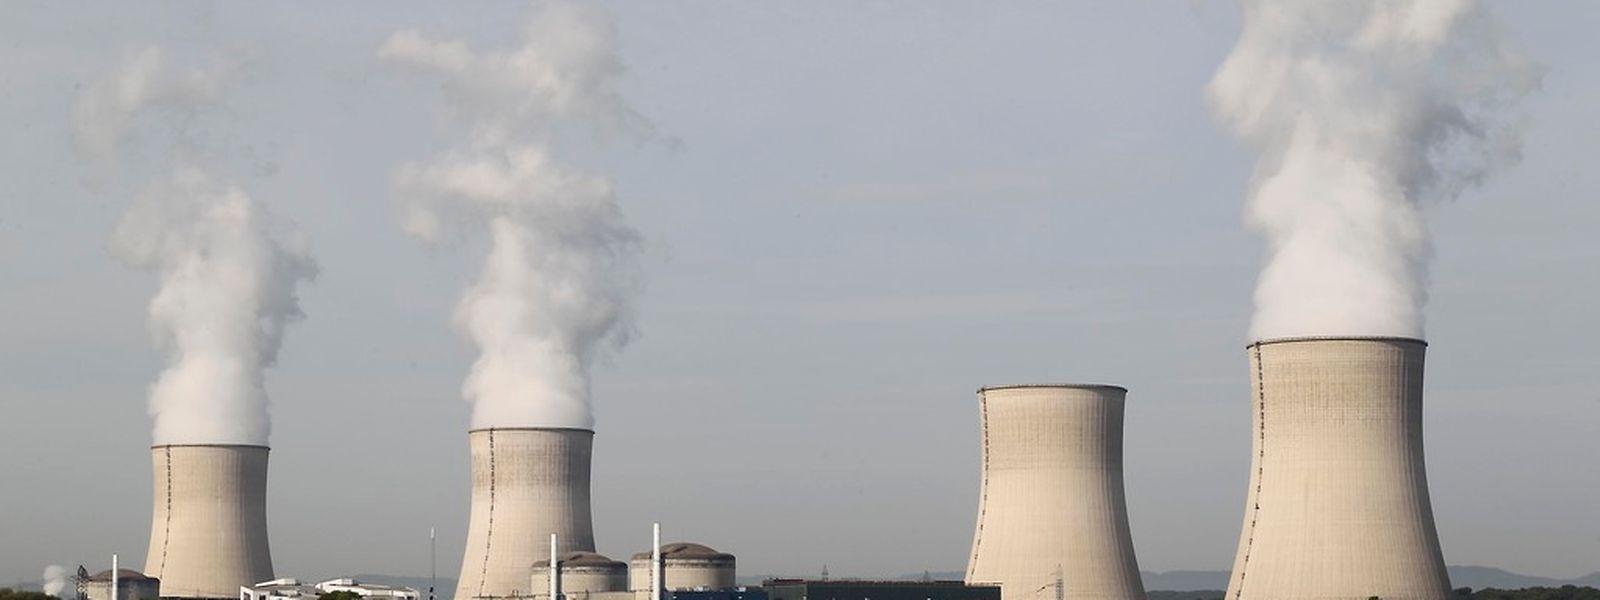 Auch das Atomkraftwerk in Cattenom wurde mehrmals von Drohnen überflogen.